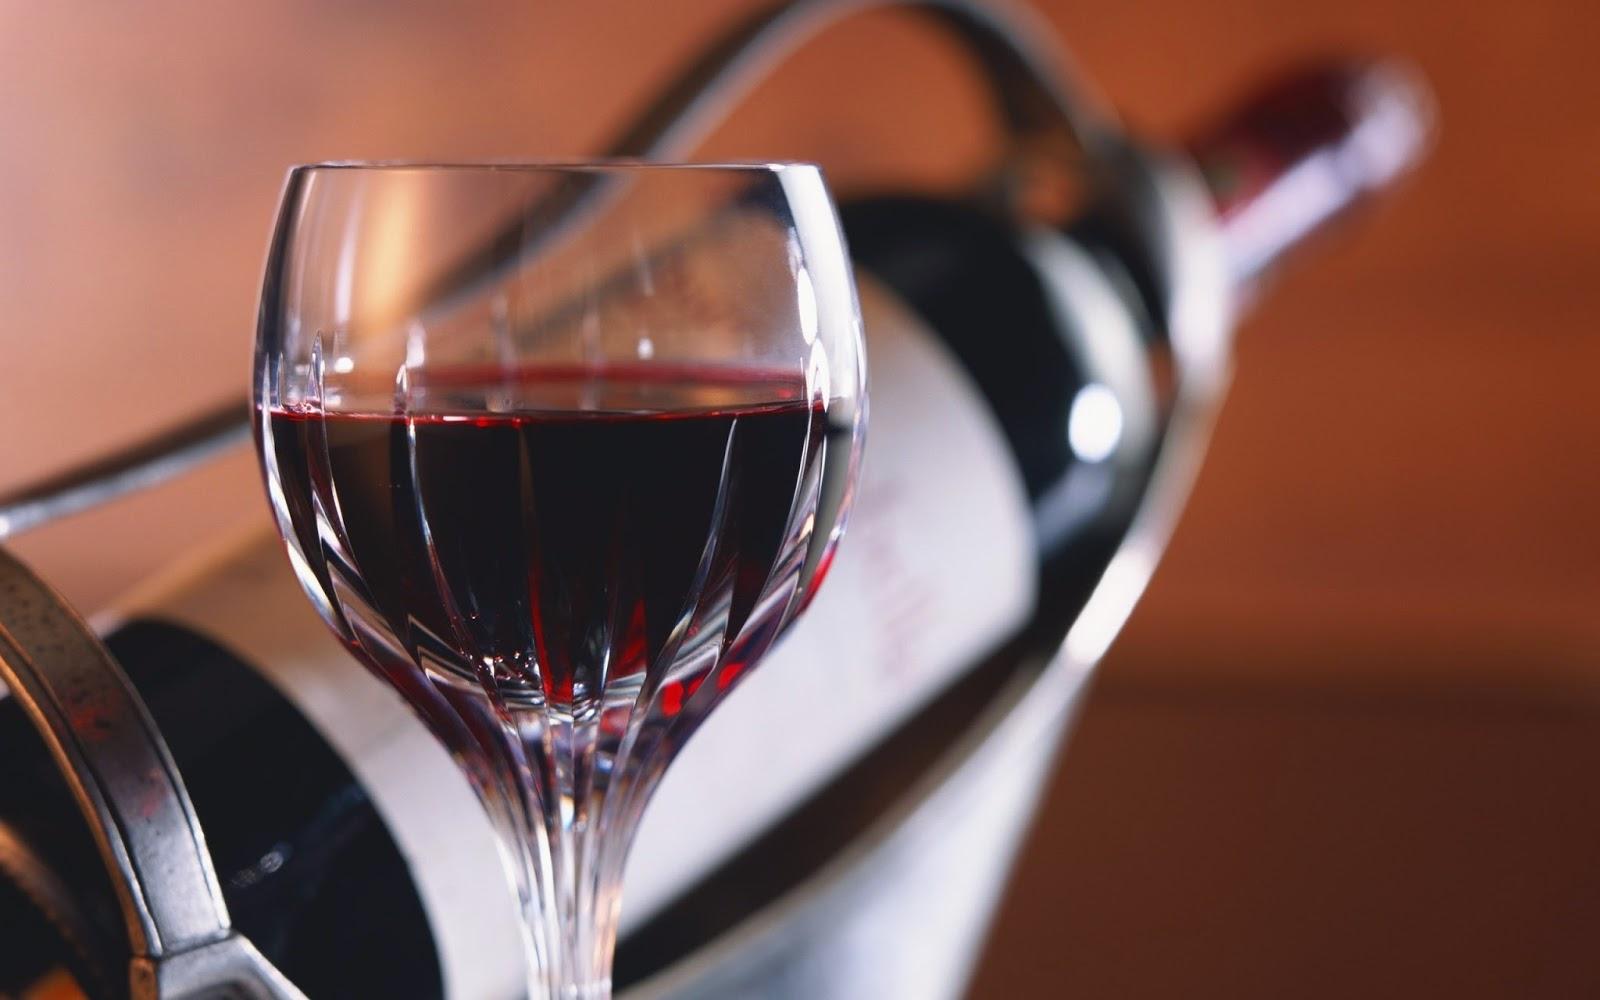 Bozuk Şarap Nasıl Anlaşılır